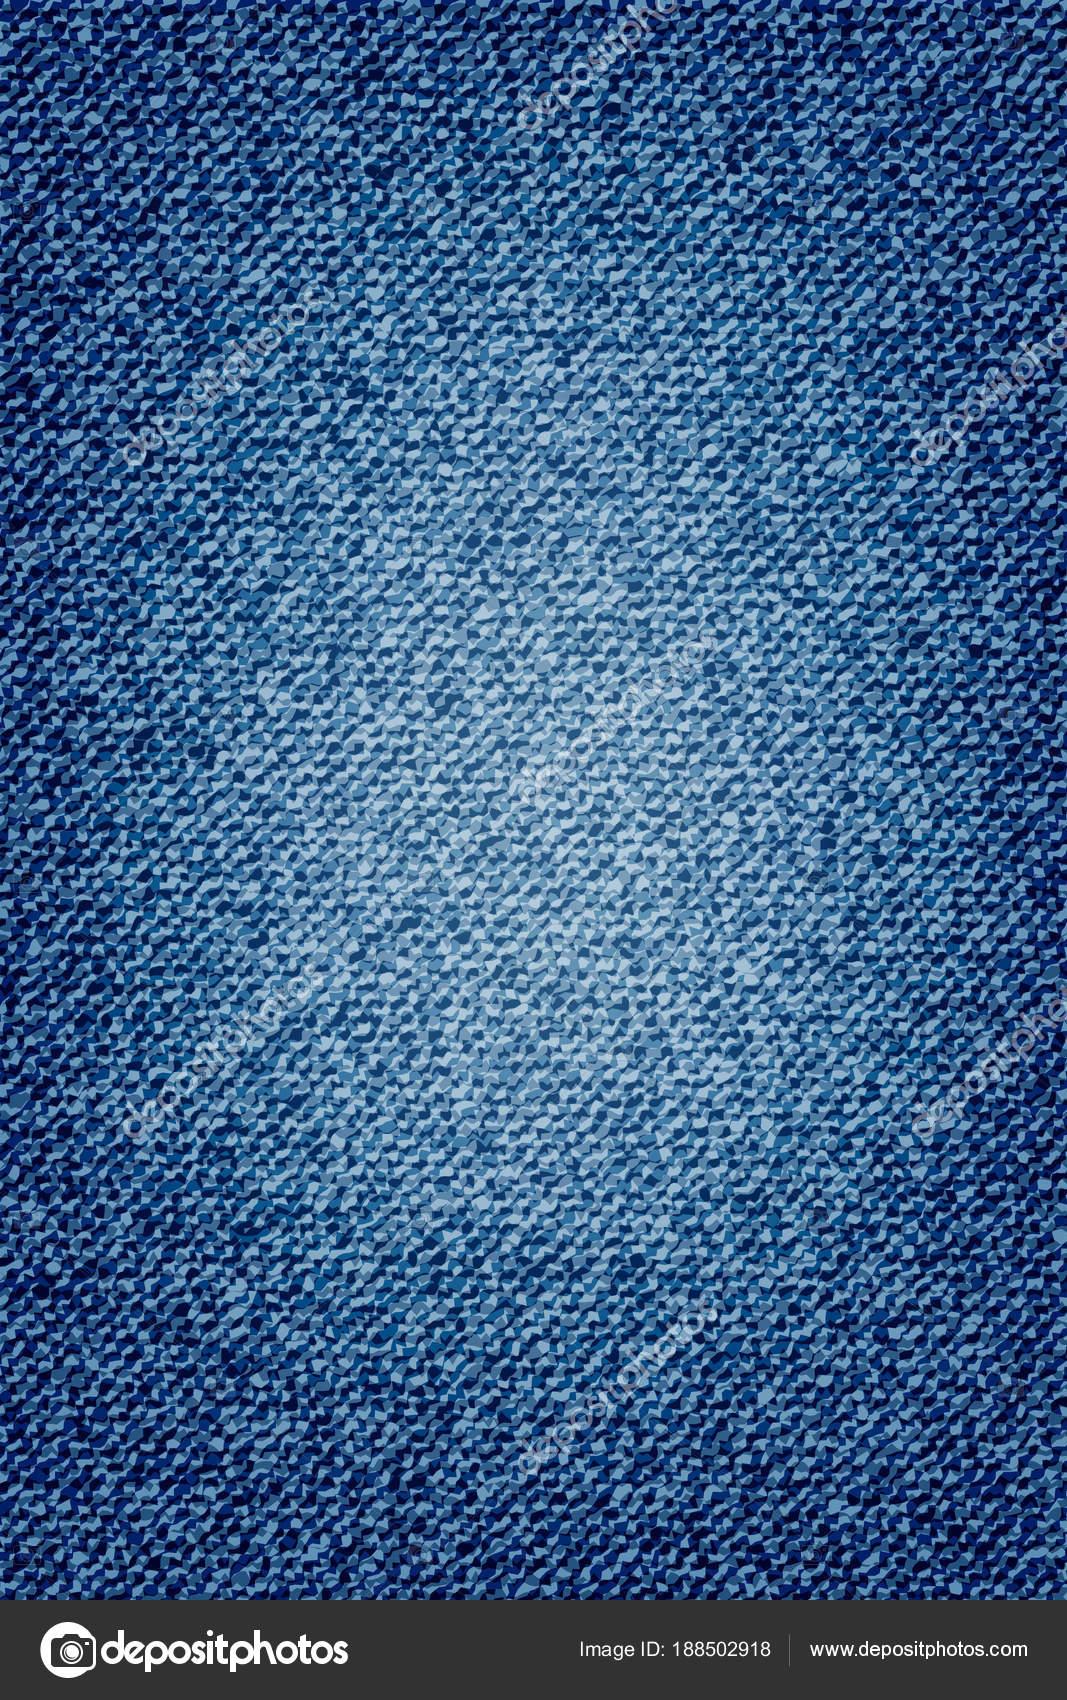 Blue-Denim Textur Hintergrund. Jeans Muster. Dunkelblaue Jeans cl ...